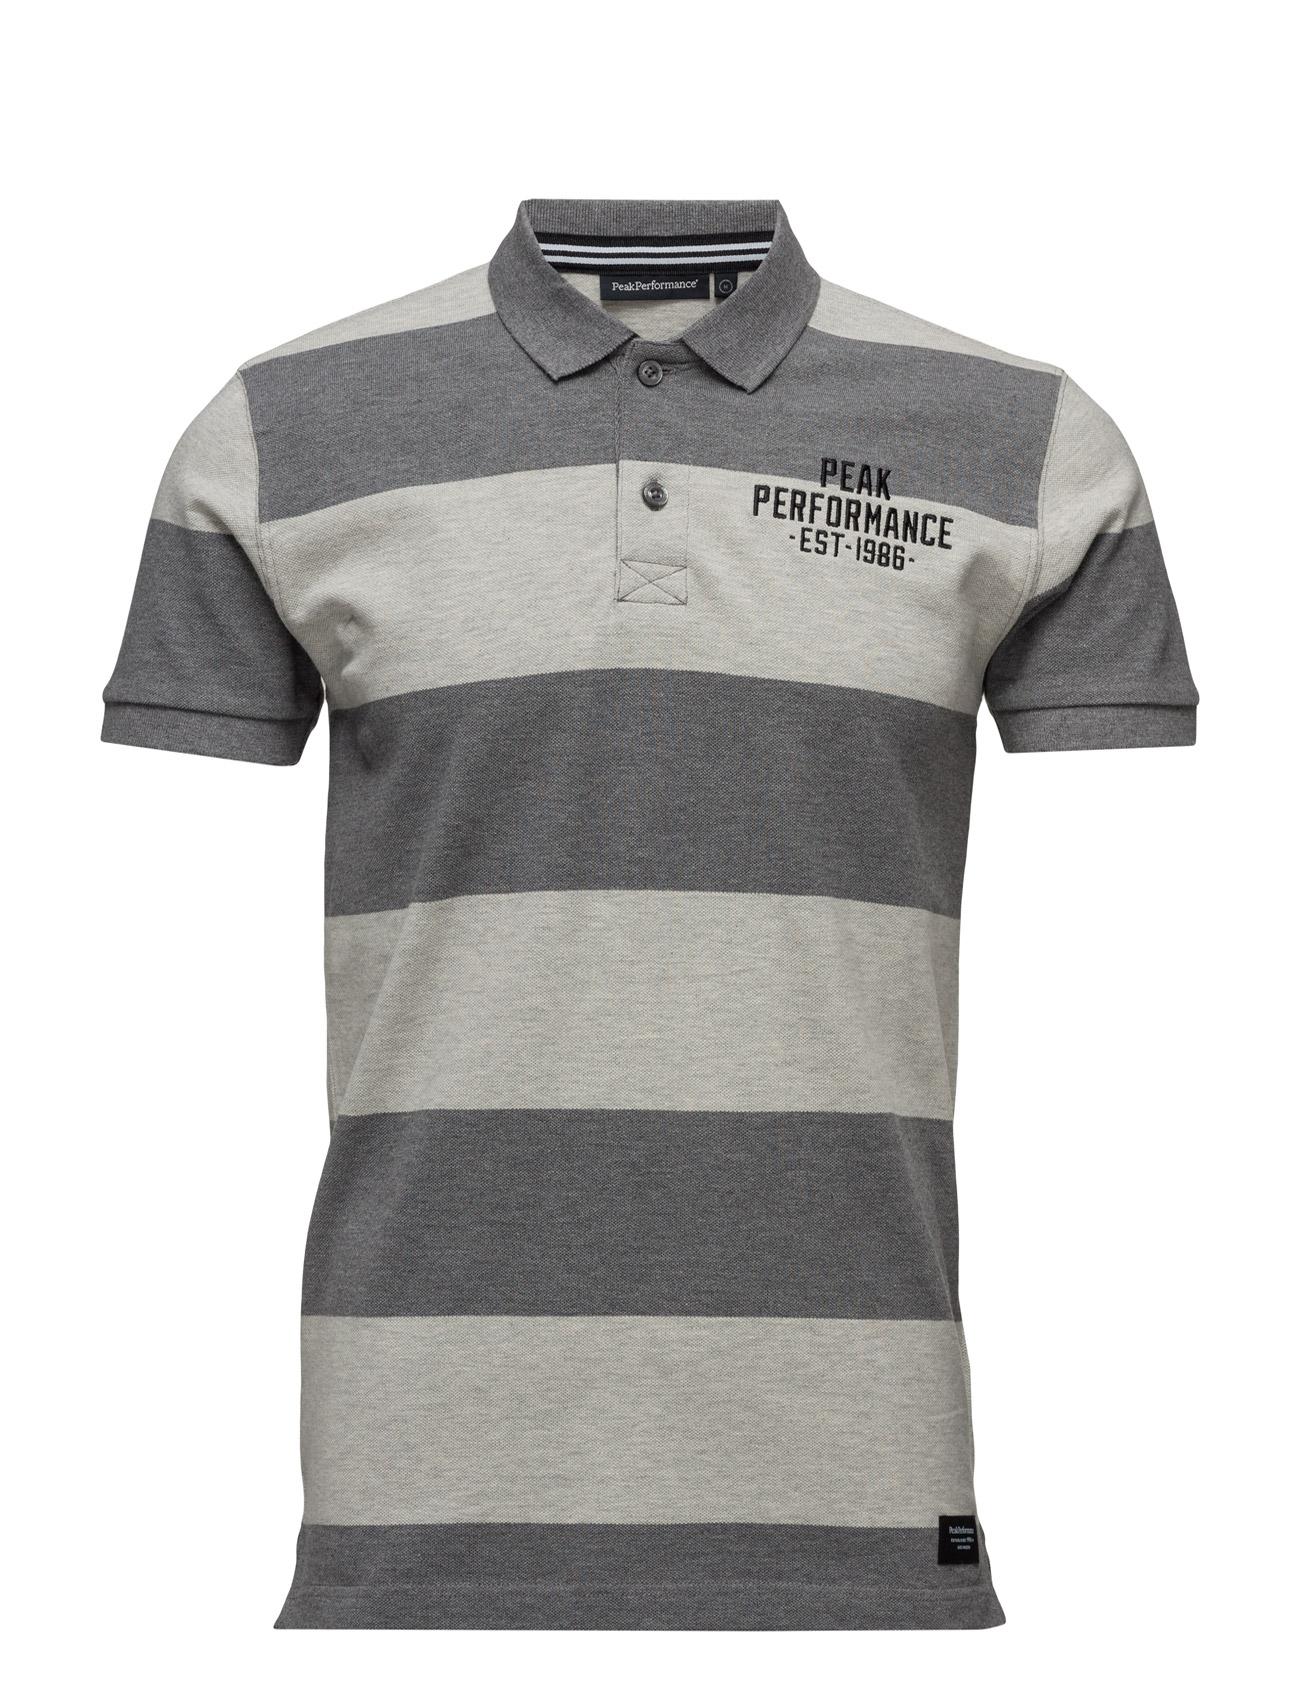 Sting.Strp Peak Performance Kortærmede polo t-shirts til Herrer i Grey Melange